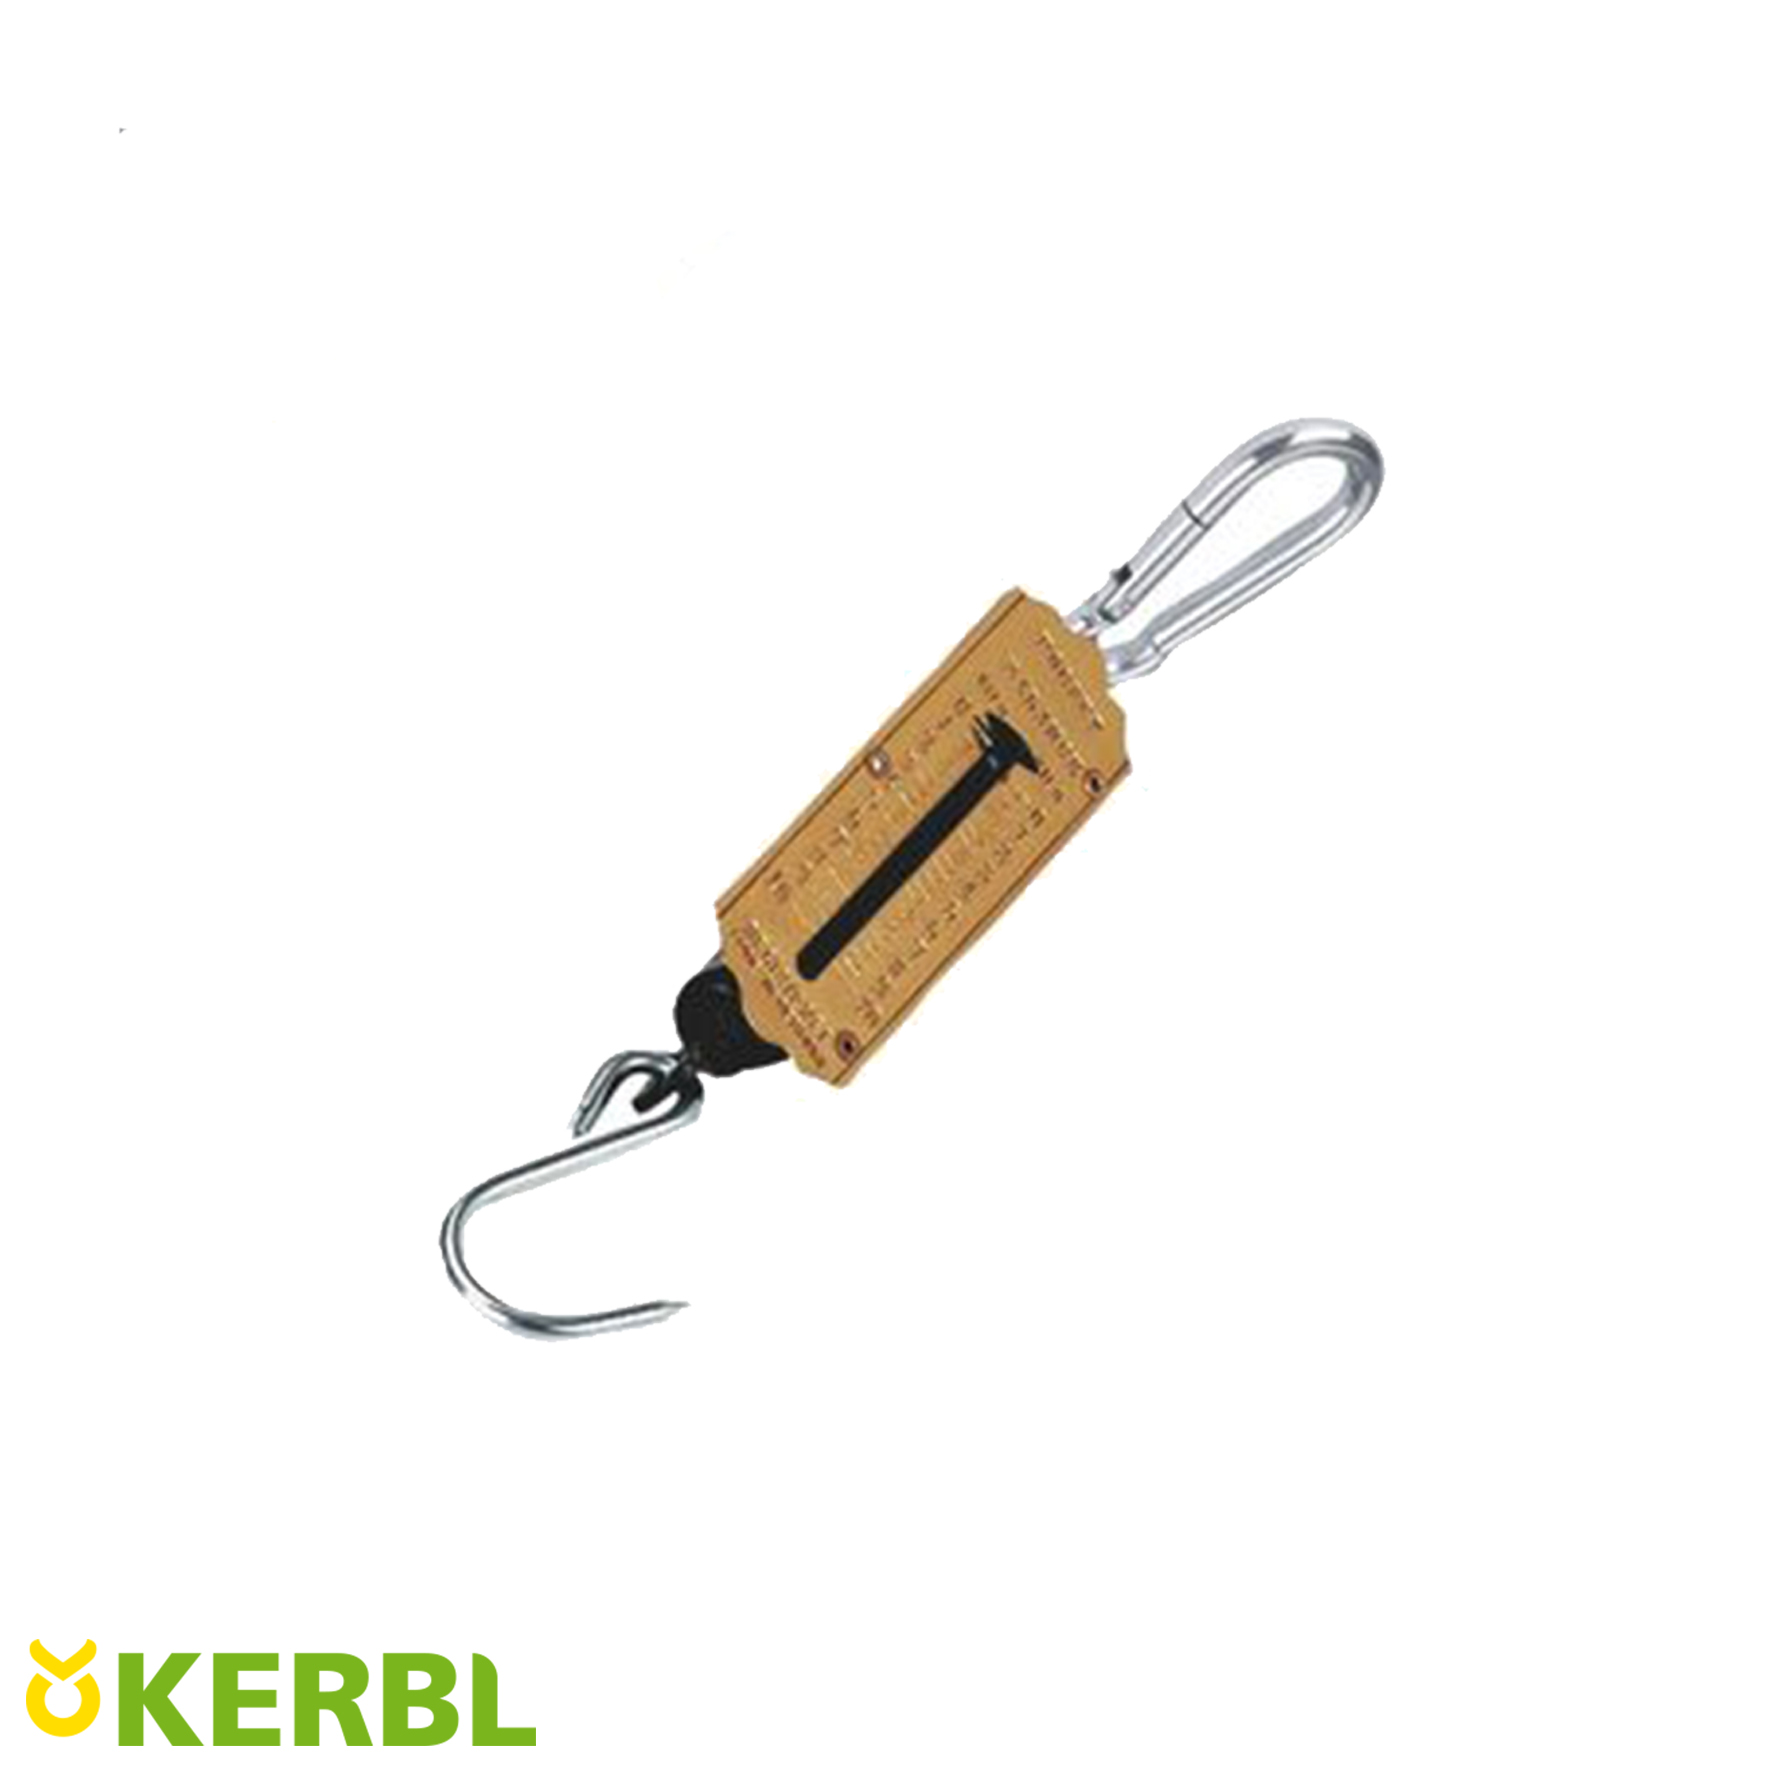 Kerbl 10KG Spring Balance